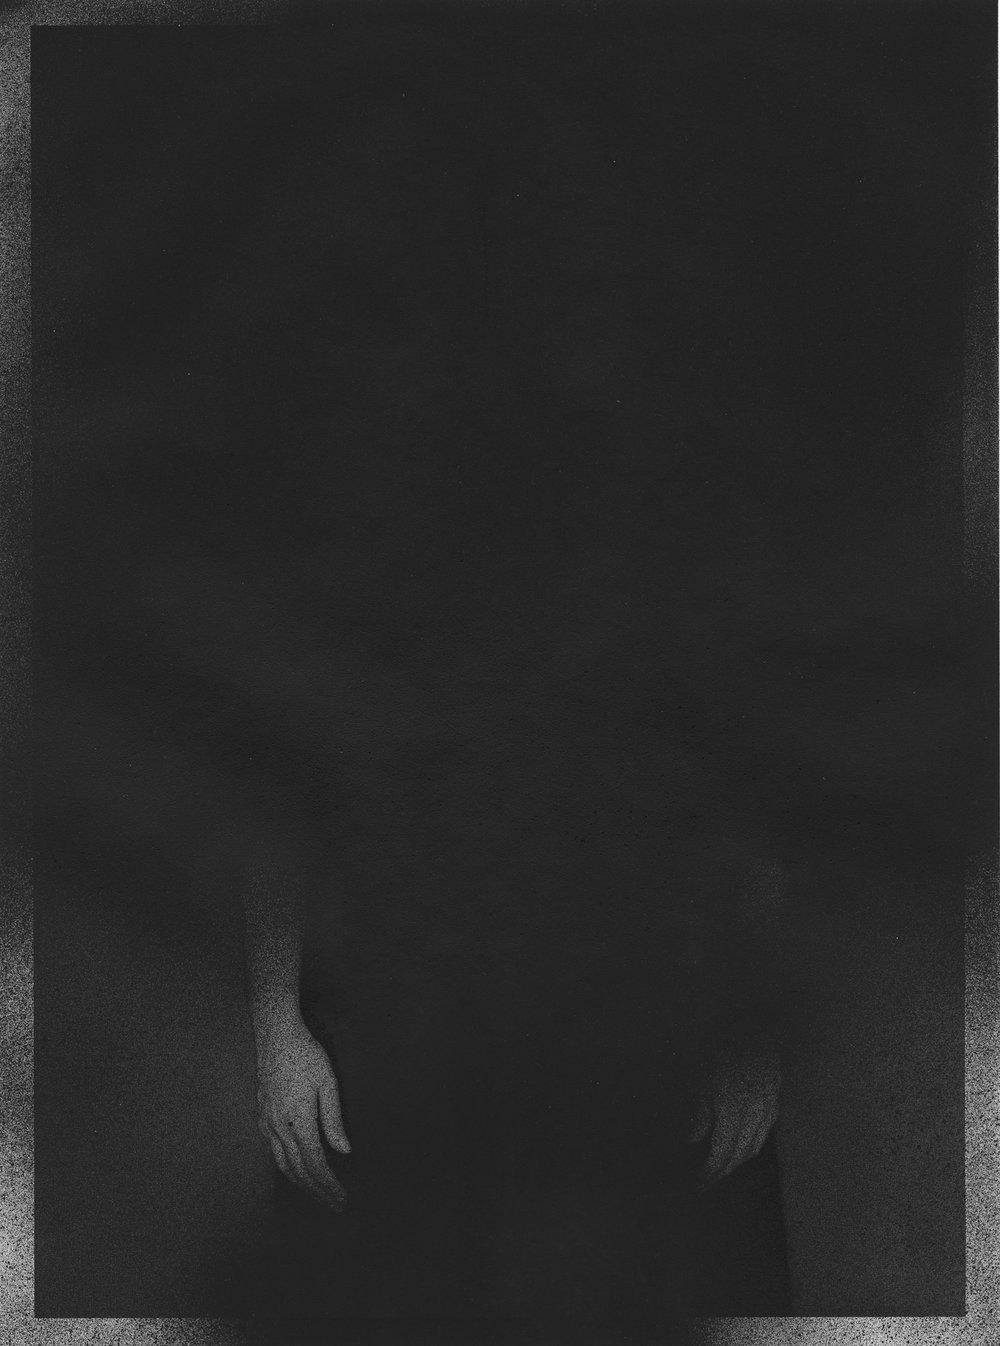 sophie-jodoin_si-je-devenais-folle-je-tomberais-dans-un-grand-trou-noir_2016.jpg